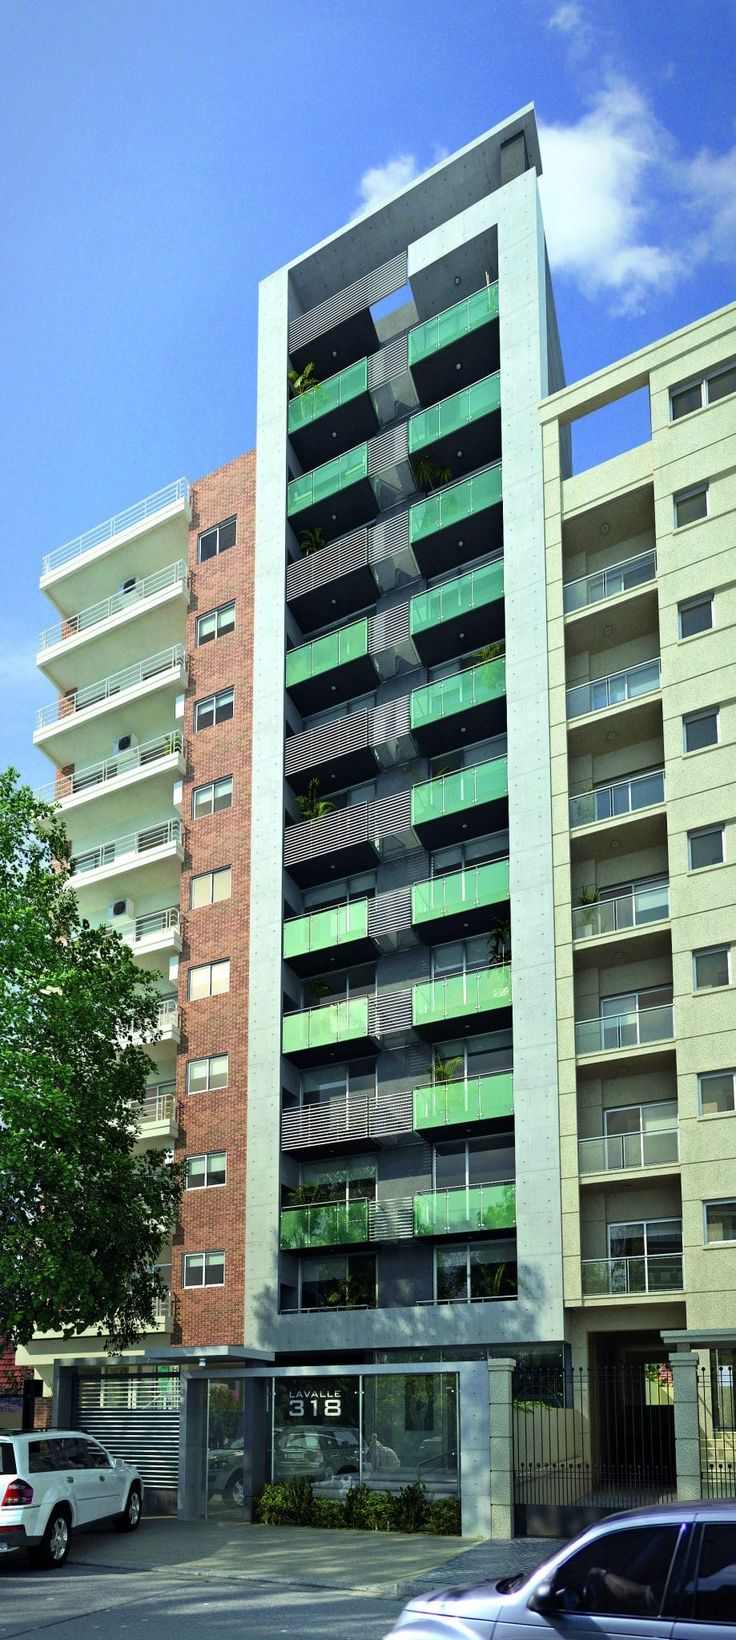 QUILMES - Guía de la construcción - Página 29 - SkyscraperCity  Lavalle 318 quilmes